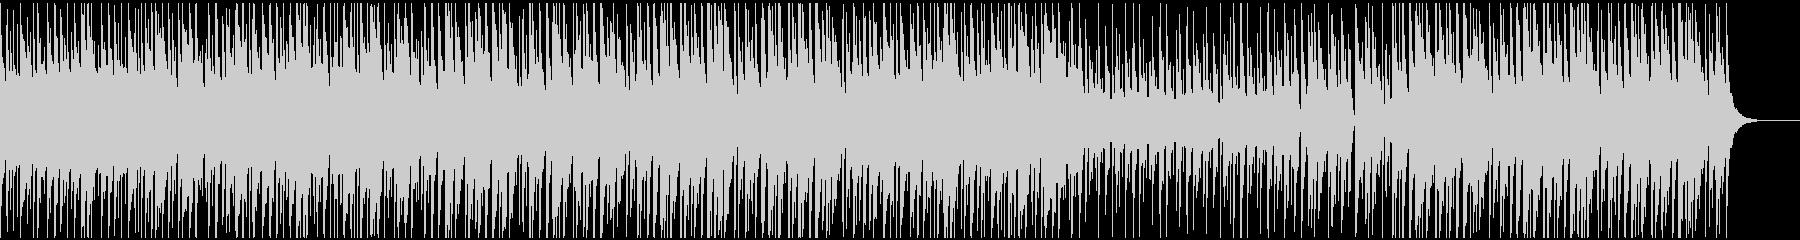 映像BGM かわいいけどしっかりサウンドの未再生の波形